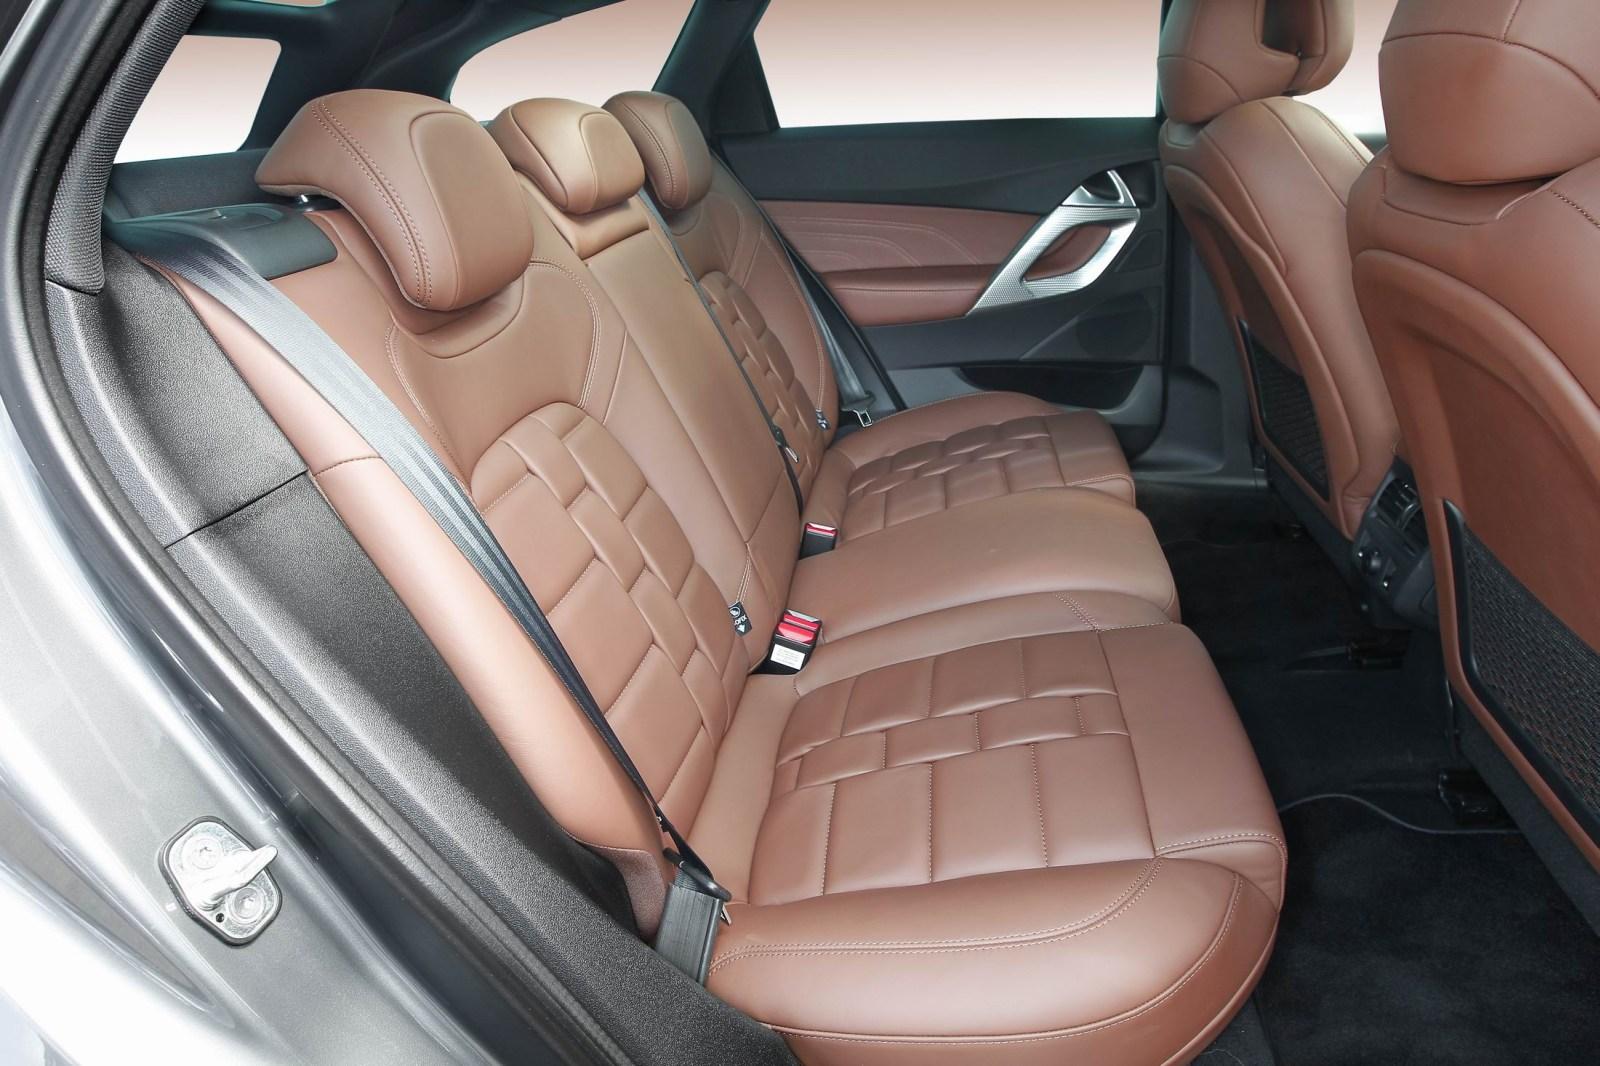 wallpapers de carros semana 112 citro n ds 2012 lista de carros. Black Bedroom Furniture Sets. Home Design Ideas